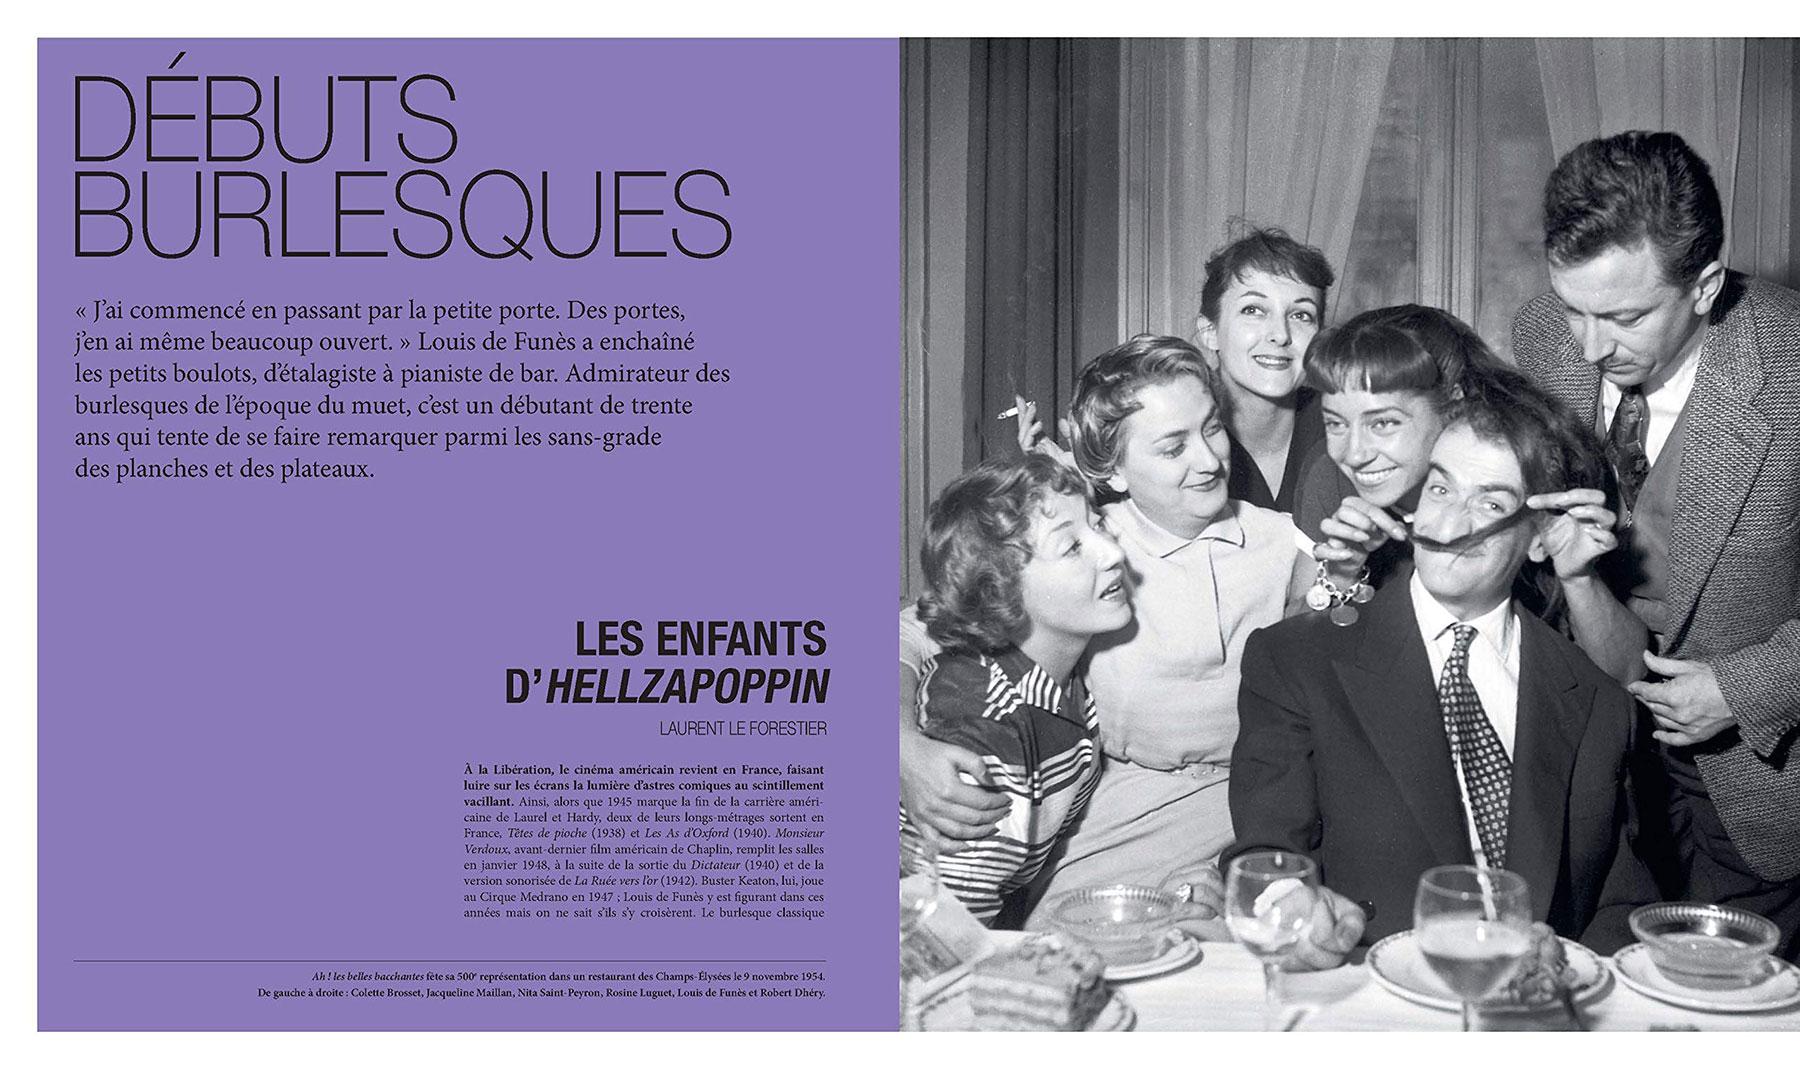 Louis de Funès, à la folie - sous la direction d'Alain Kruger (La Cinémathèque française/Éditions de La Martinière) - pages 14-15